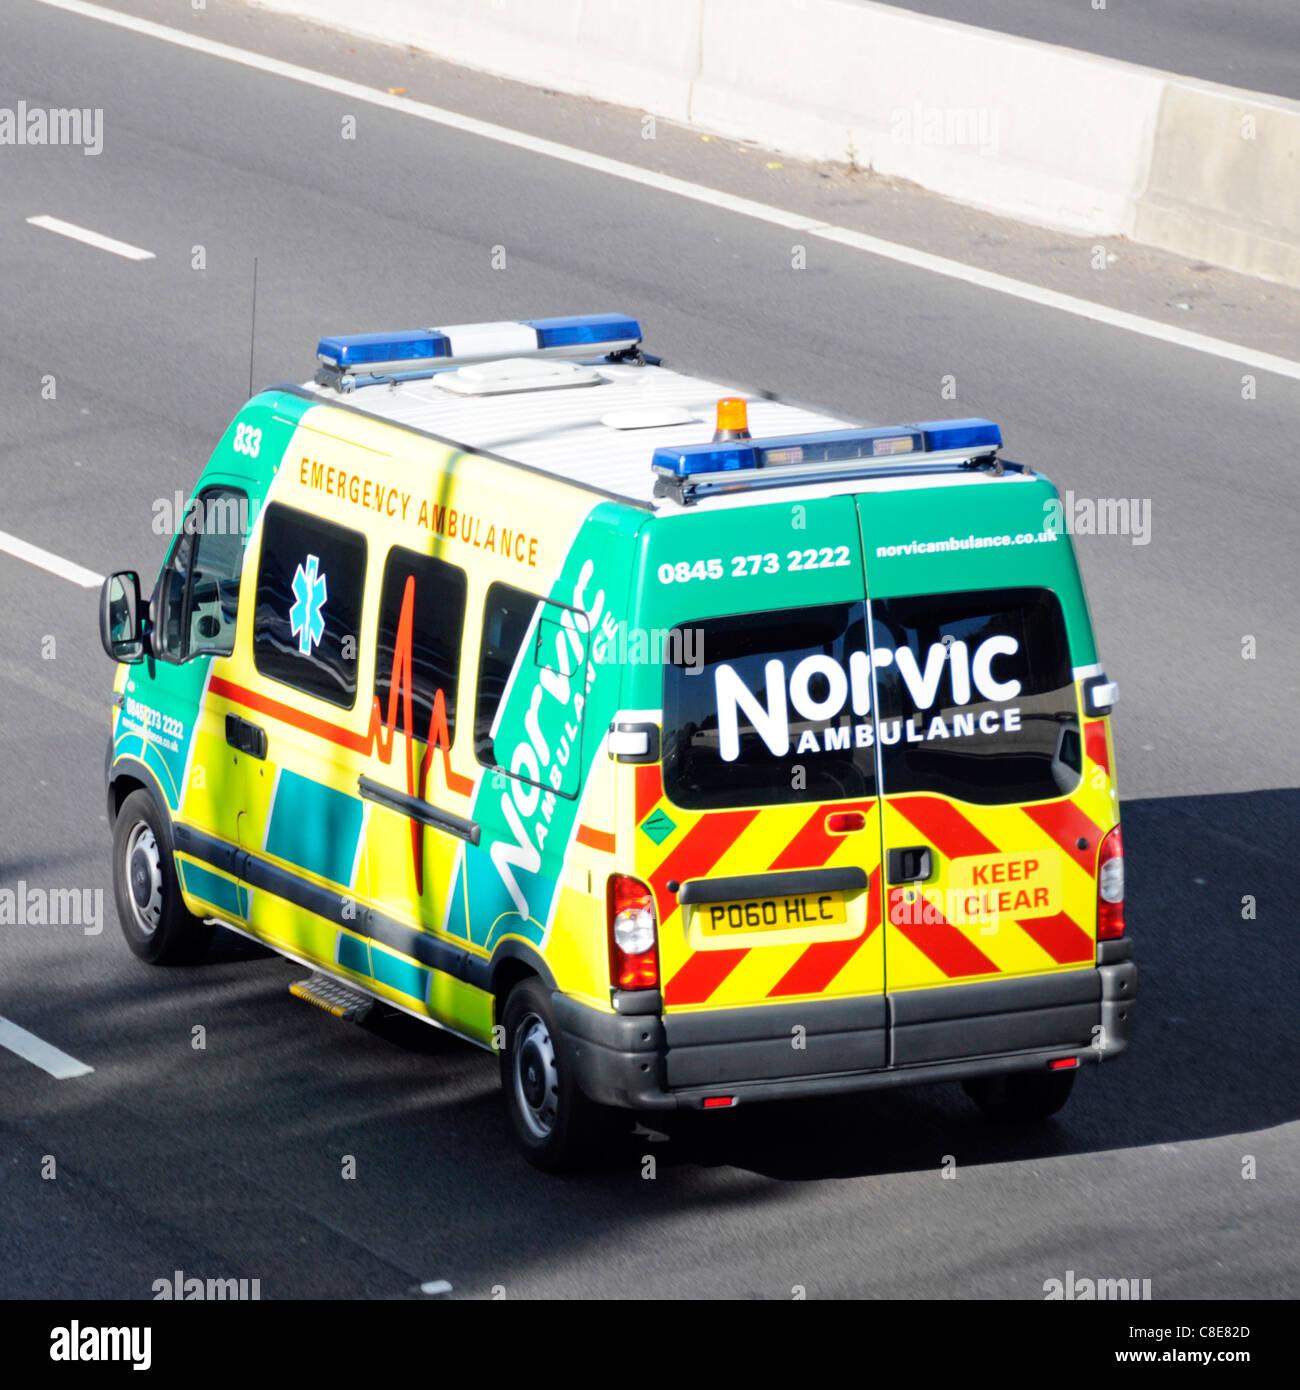 Norvic Privatwirtschaft Emergency health care Ambulanz Geschäft fahren entlang der Autobahn M25 Essex England Stockbild